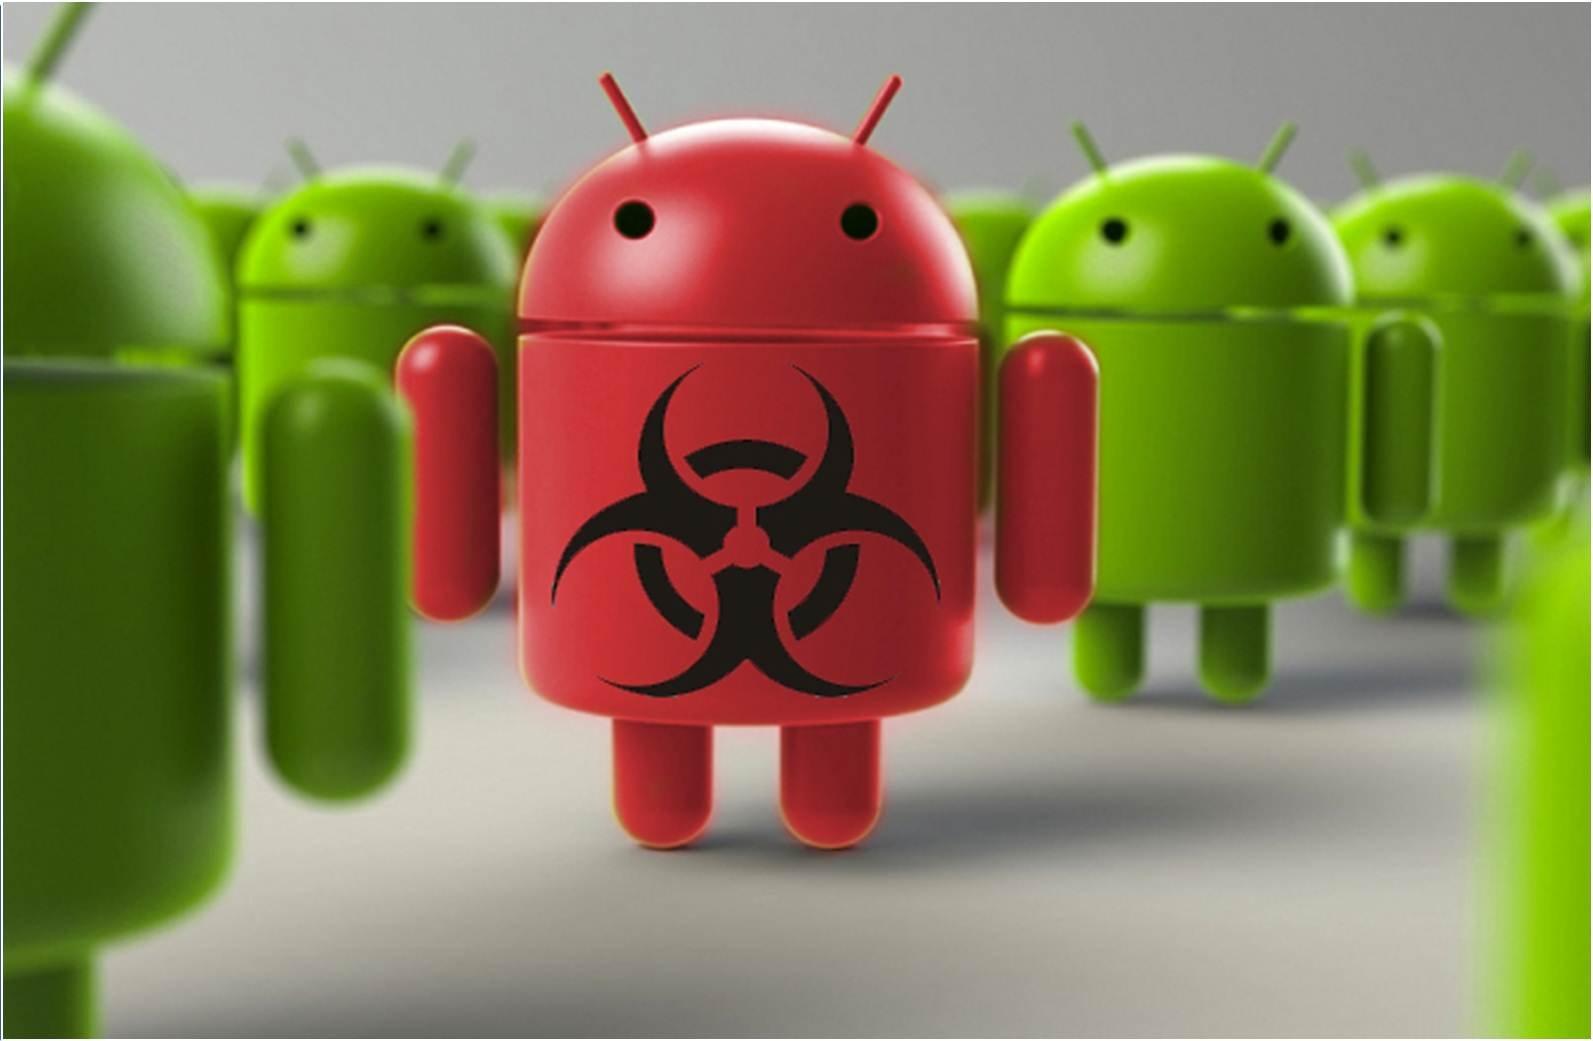 Одно изпопулярнейших приложений для андроид оказалось очень опасным